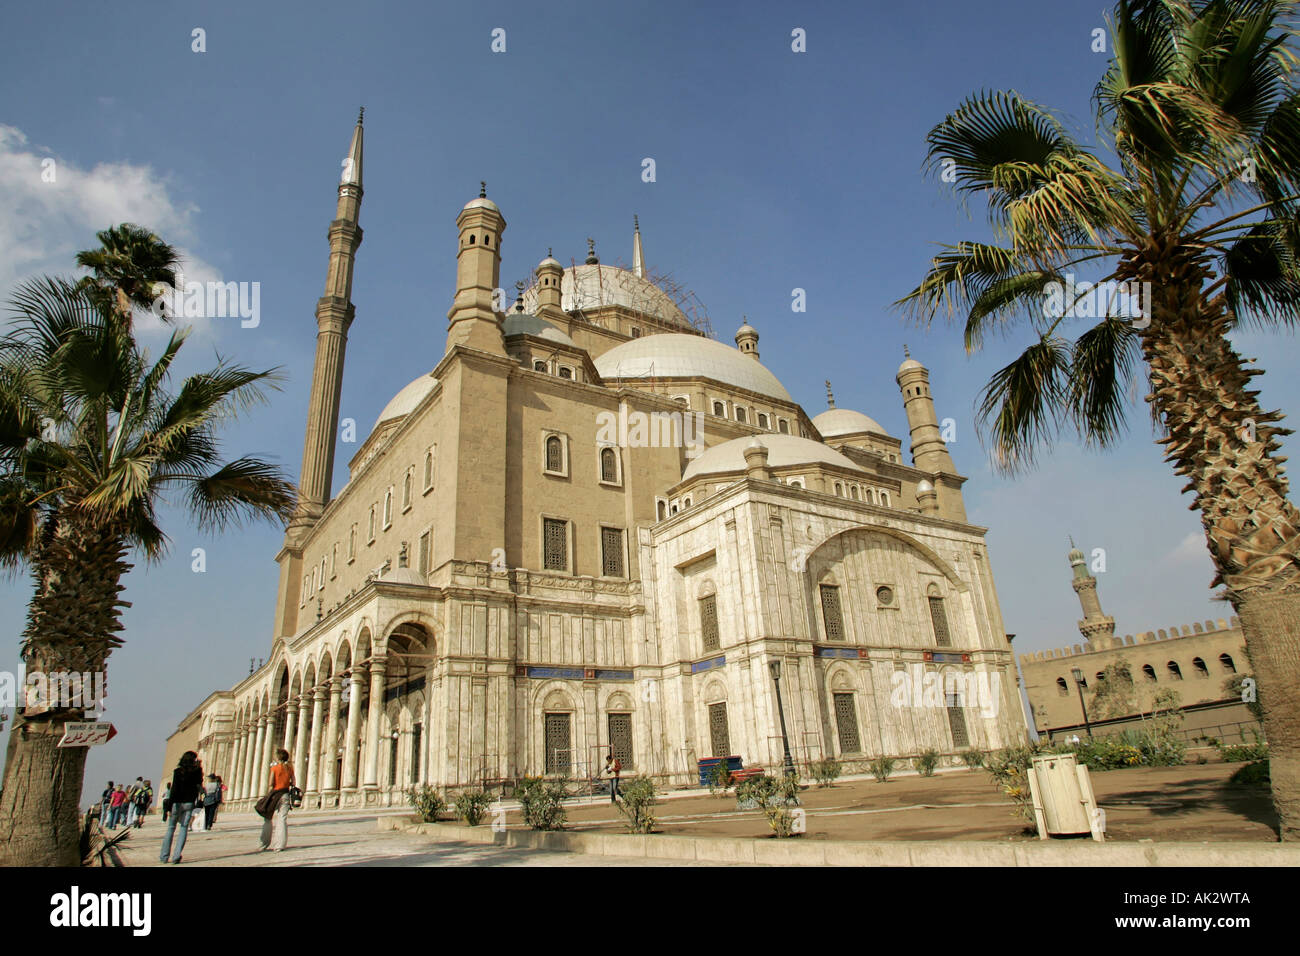 La moschea di Mohammed Ali, noto anche come la Moschea di alabastro, presso la Cittadella del Cairo in Egitto Immagini Stock